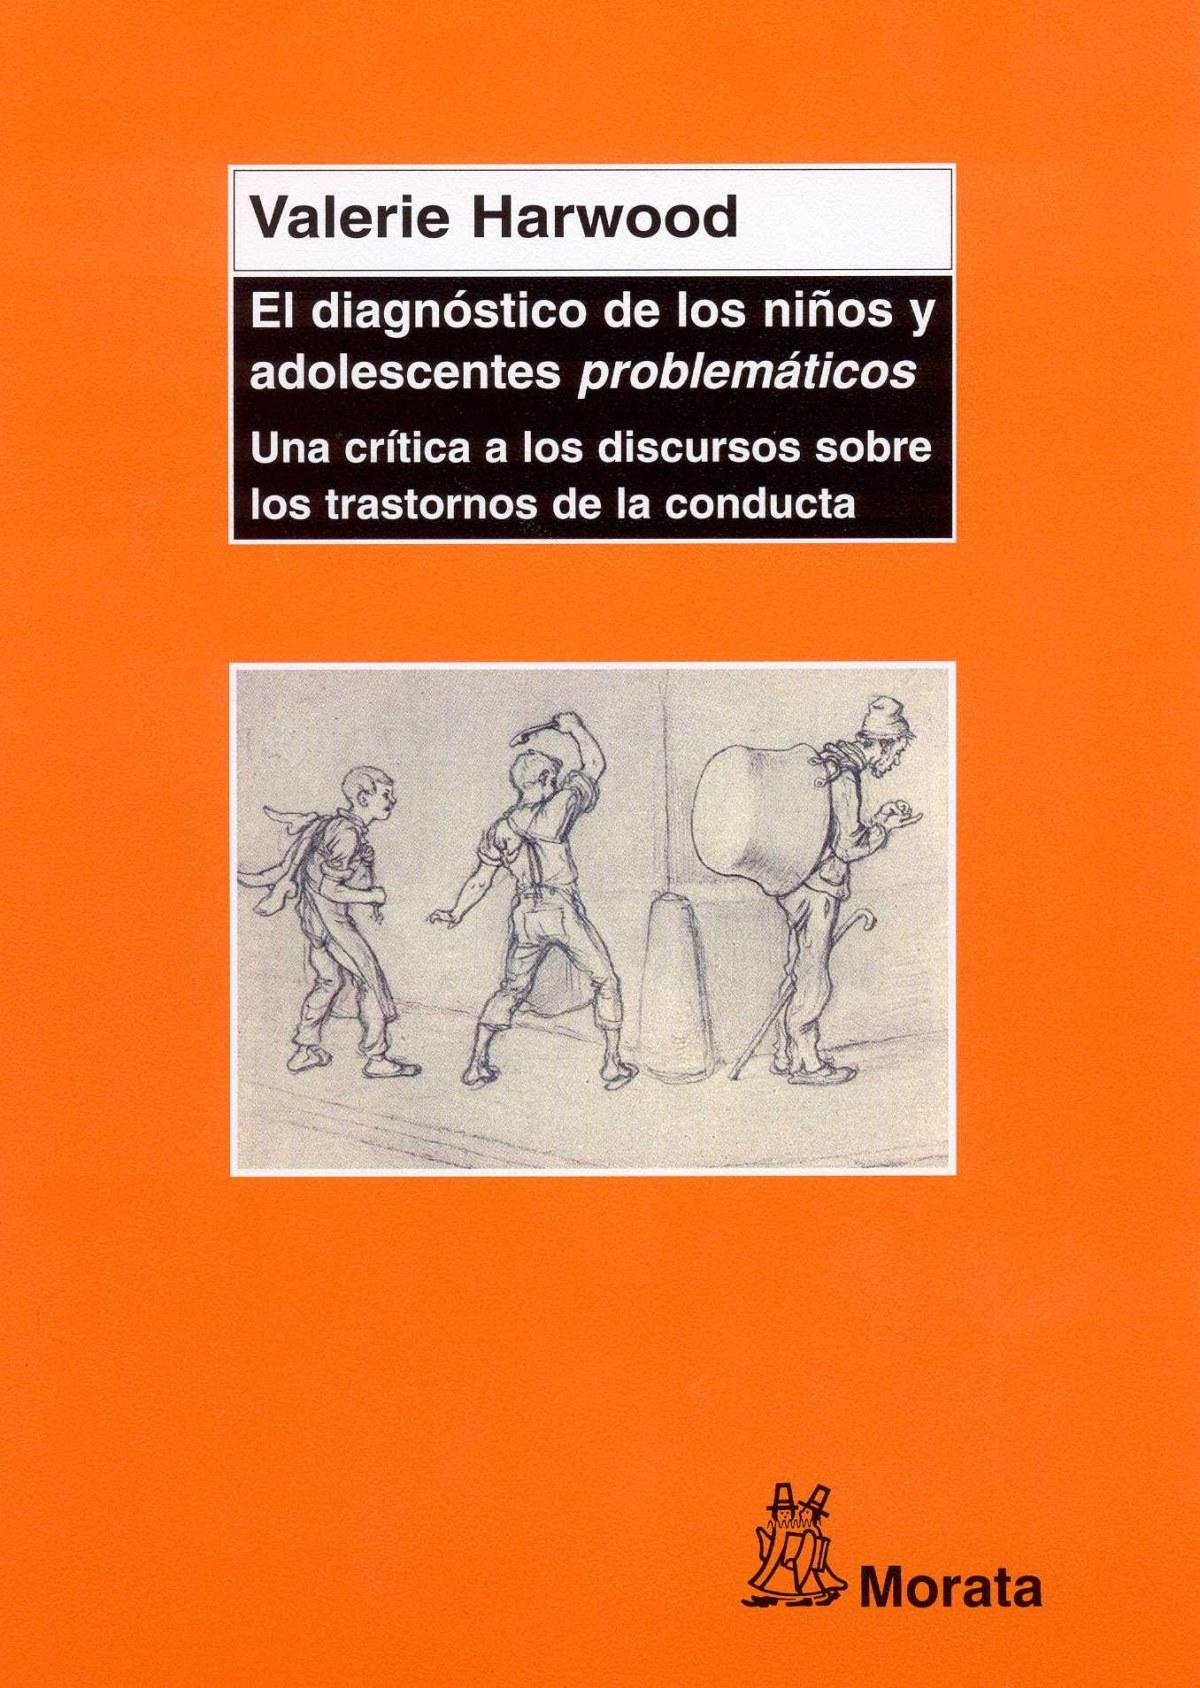 EL DIAGNÓSTICO DE LOS NIÑOS Y ADOLESCENTES